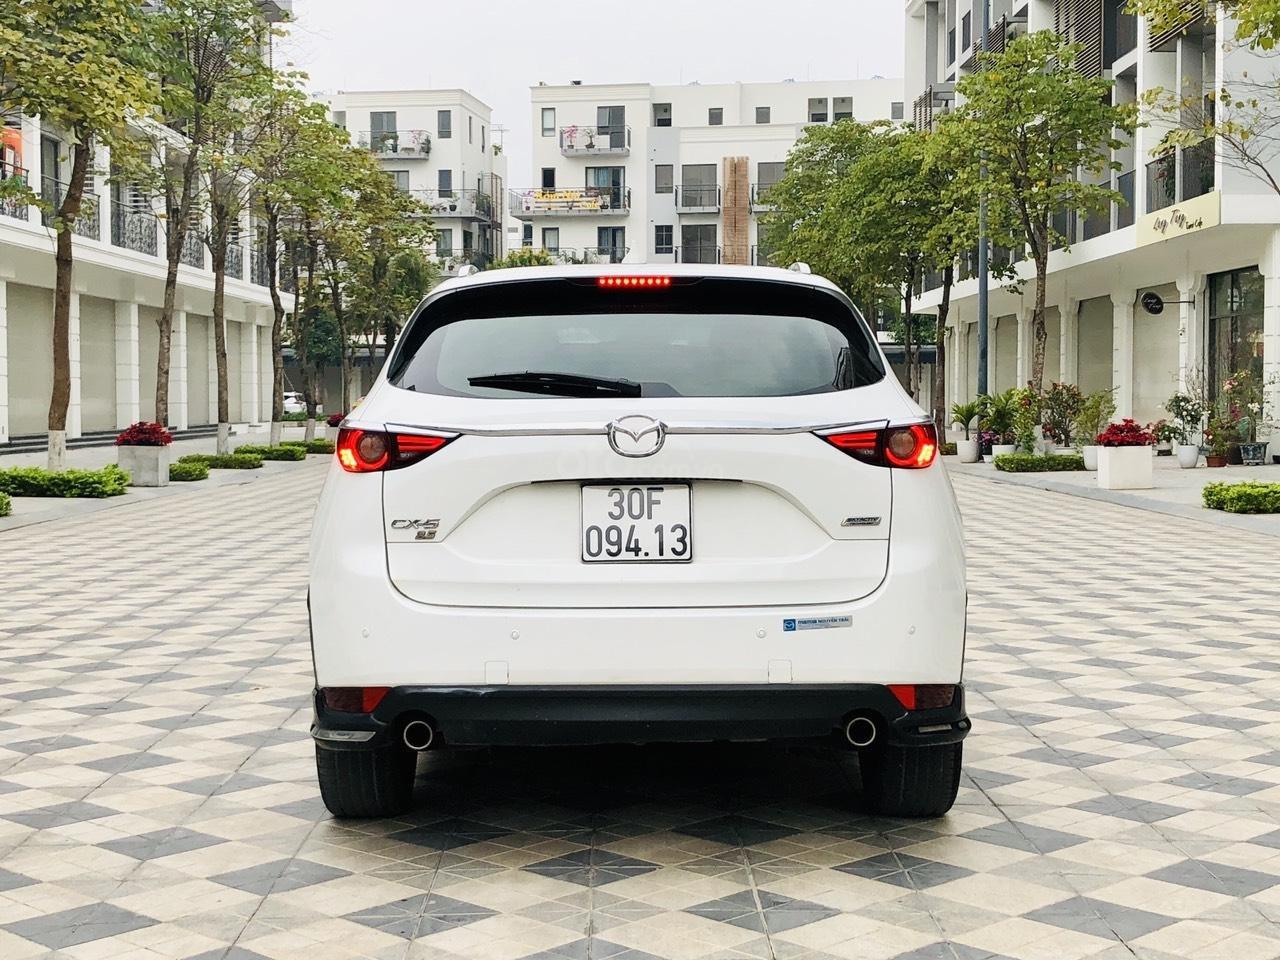 [Hot] bán nhanh Mazda CX5 2.5 đời 2018 màu trắng, xe 1 chủ từ đầu biển HN, xe đẹp không 1 lỗi nhỏ (2)